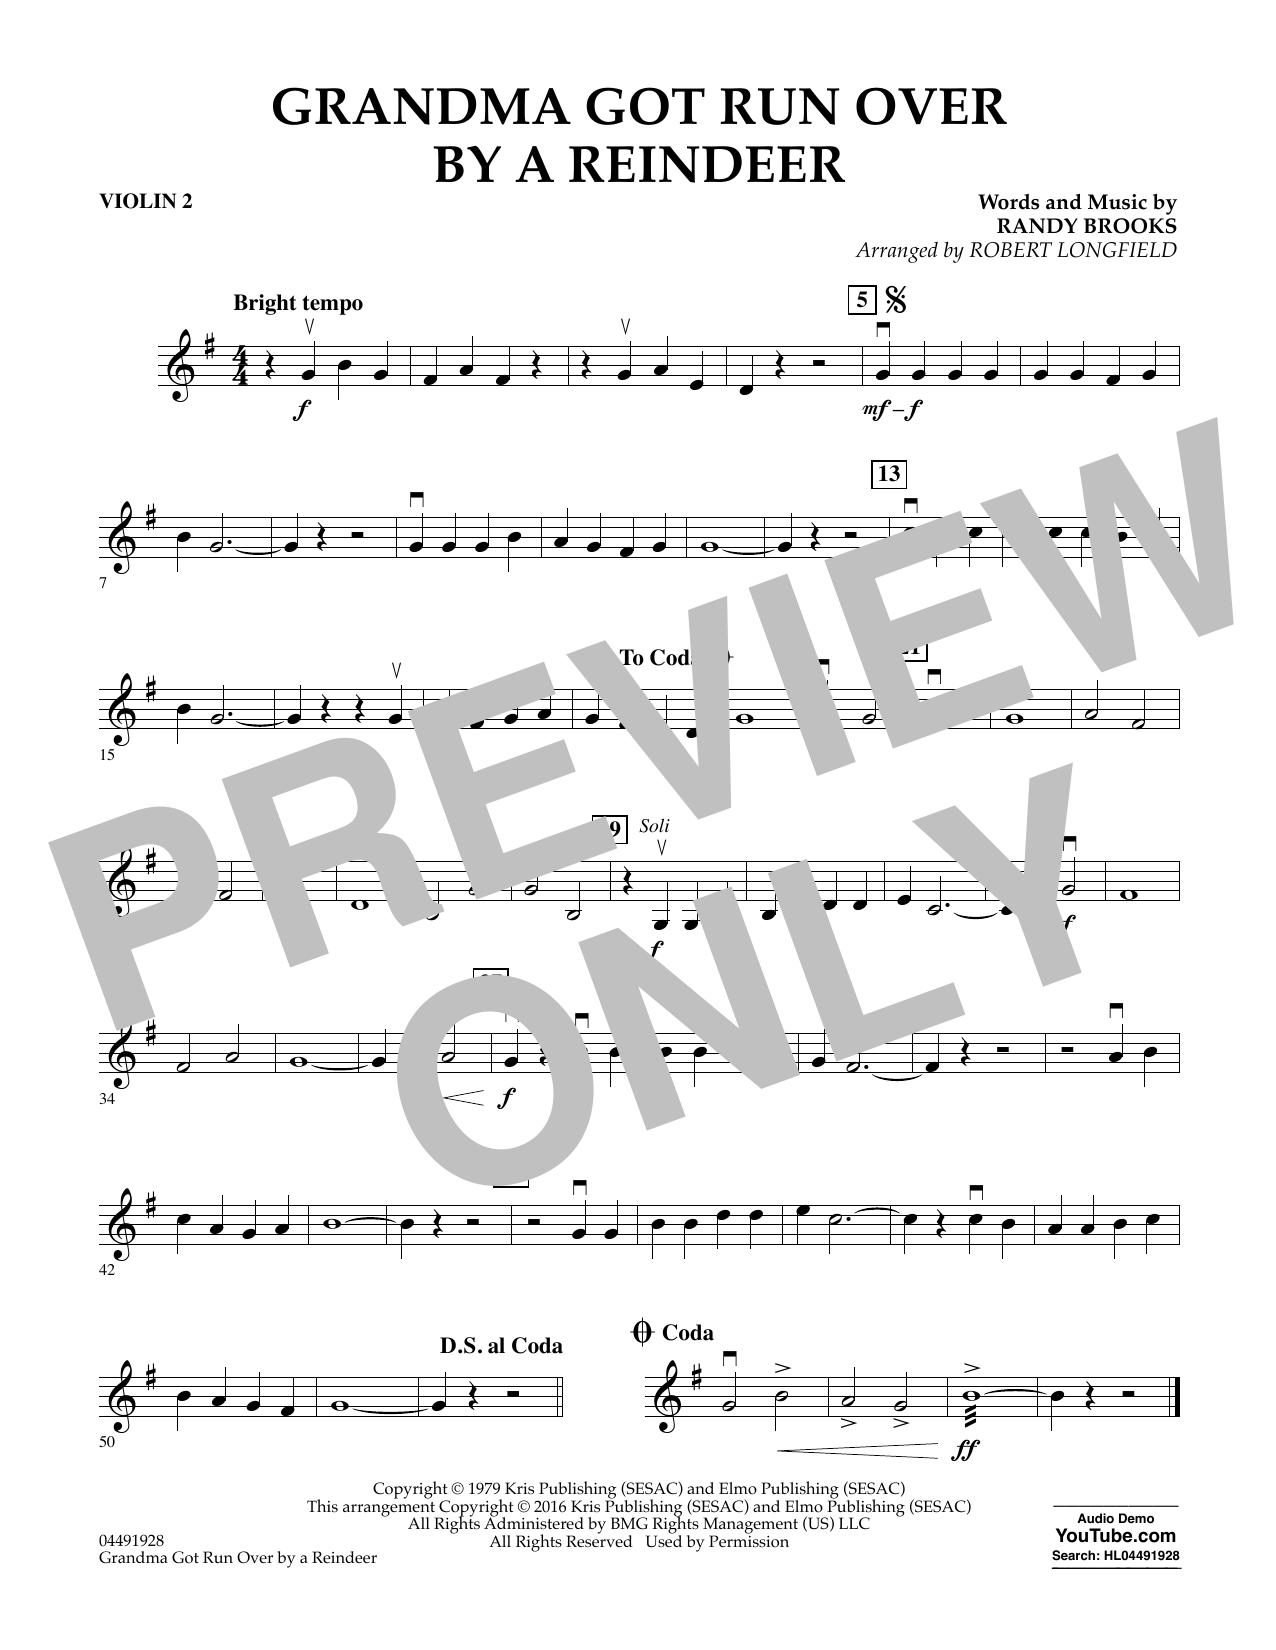 Grandma Got Run Over by a Reindeer - Violin 2 Sheet Music